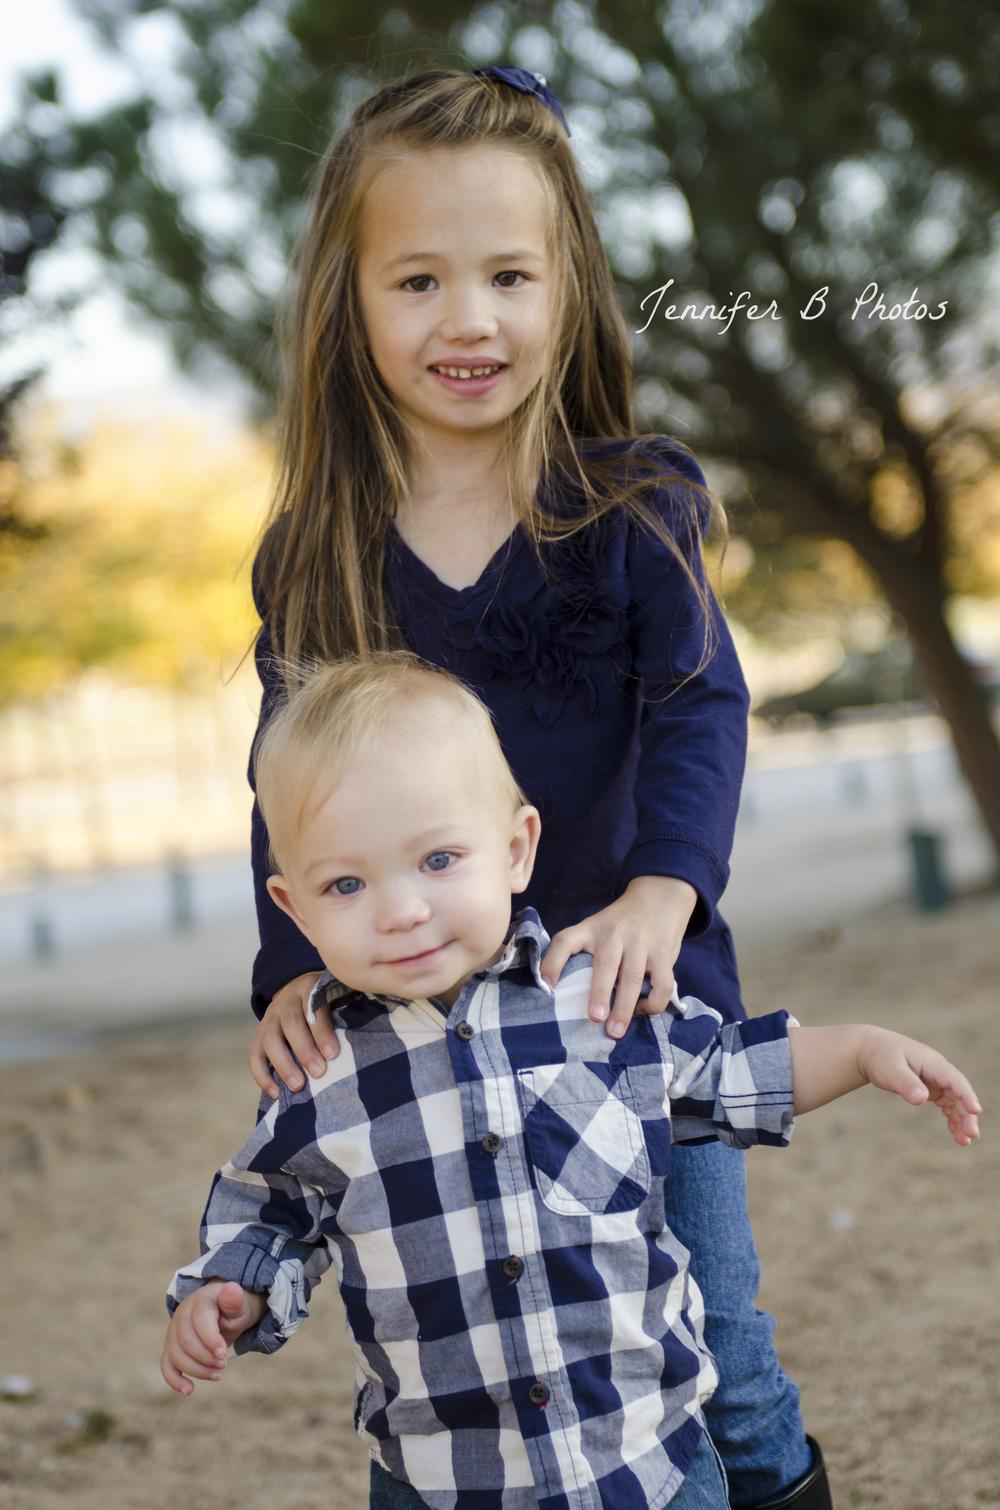 inlandempirefamilyphotographer7.jpg